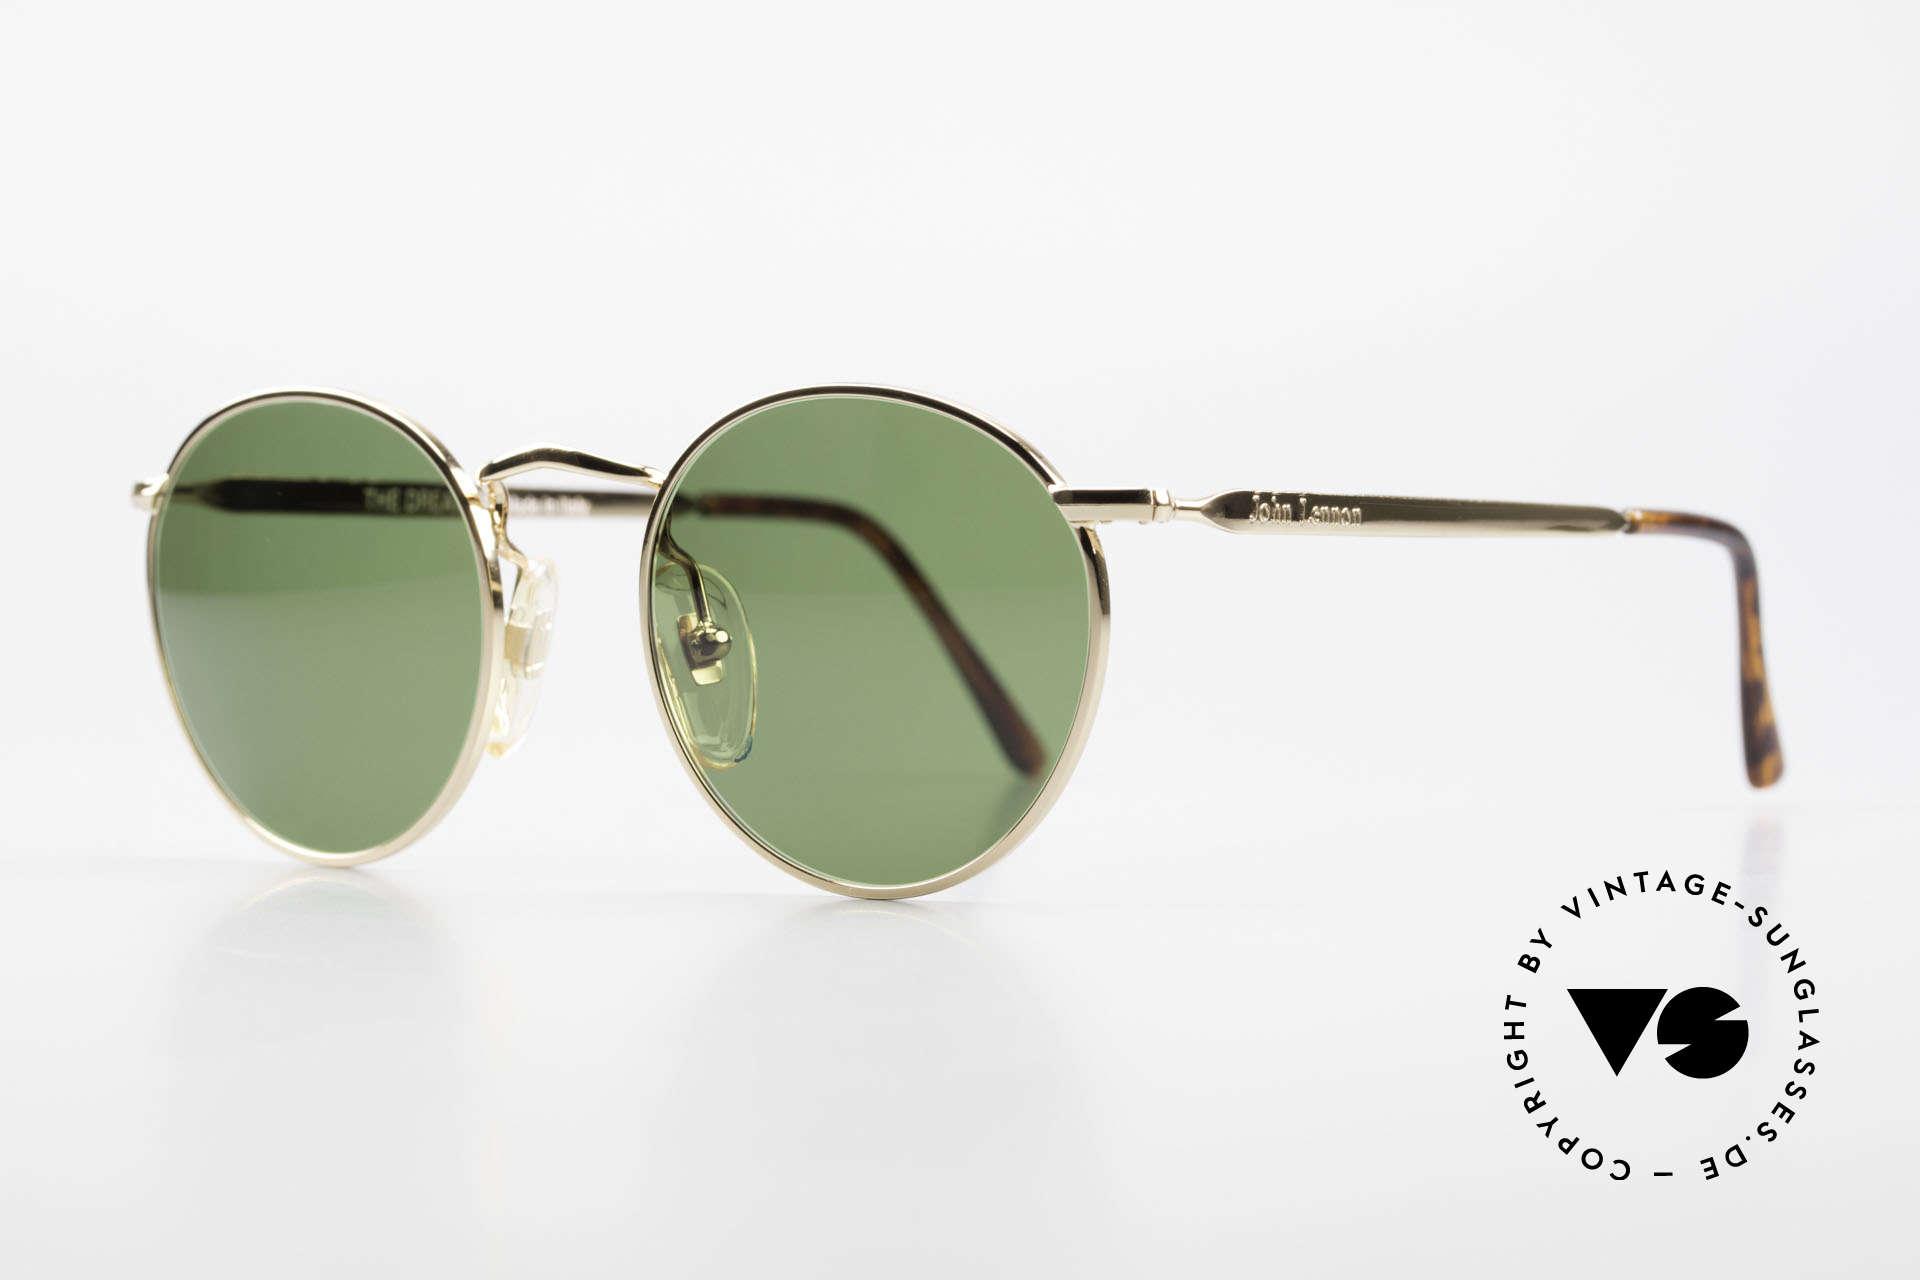 John Lennon - The Dreamer Original JL Collection Brille, benannt nach bekannten J. Lennon / Beatles Songs, Passend für Herren und Damen